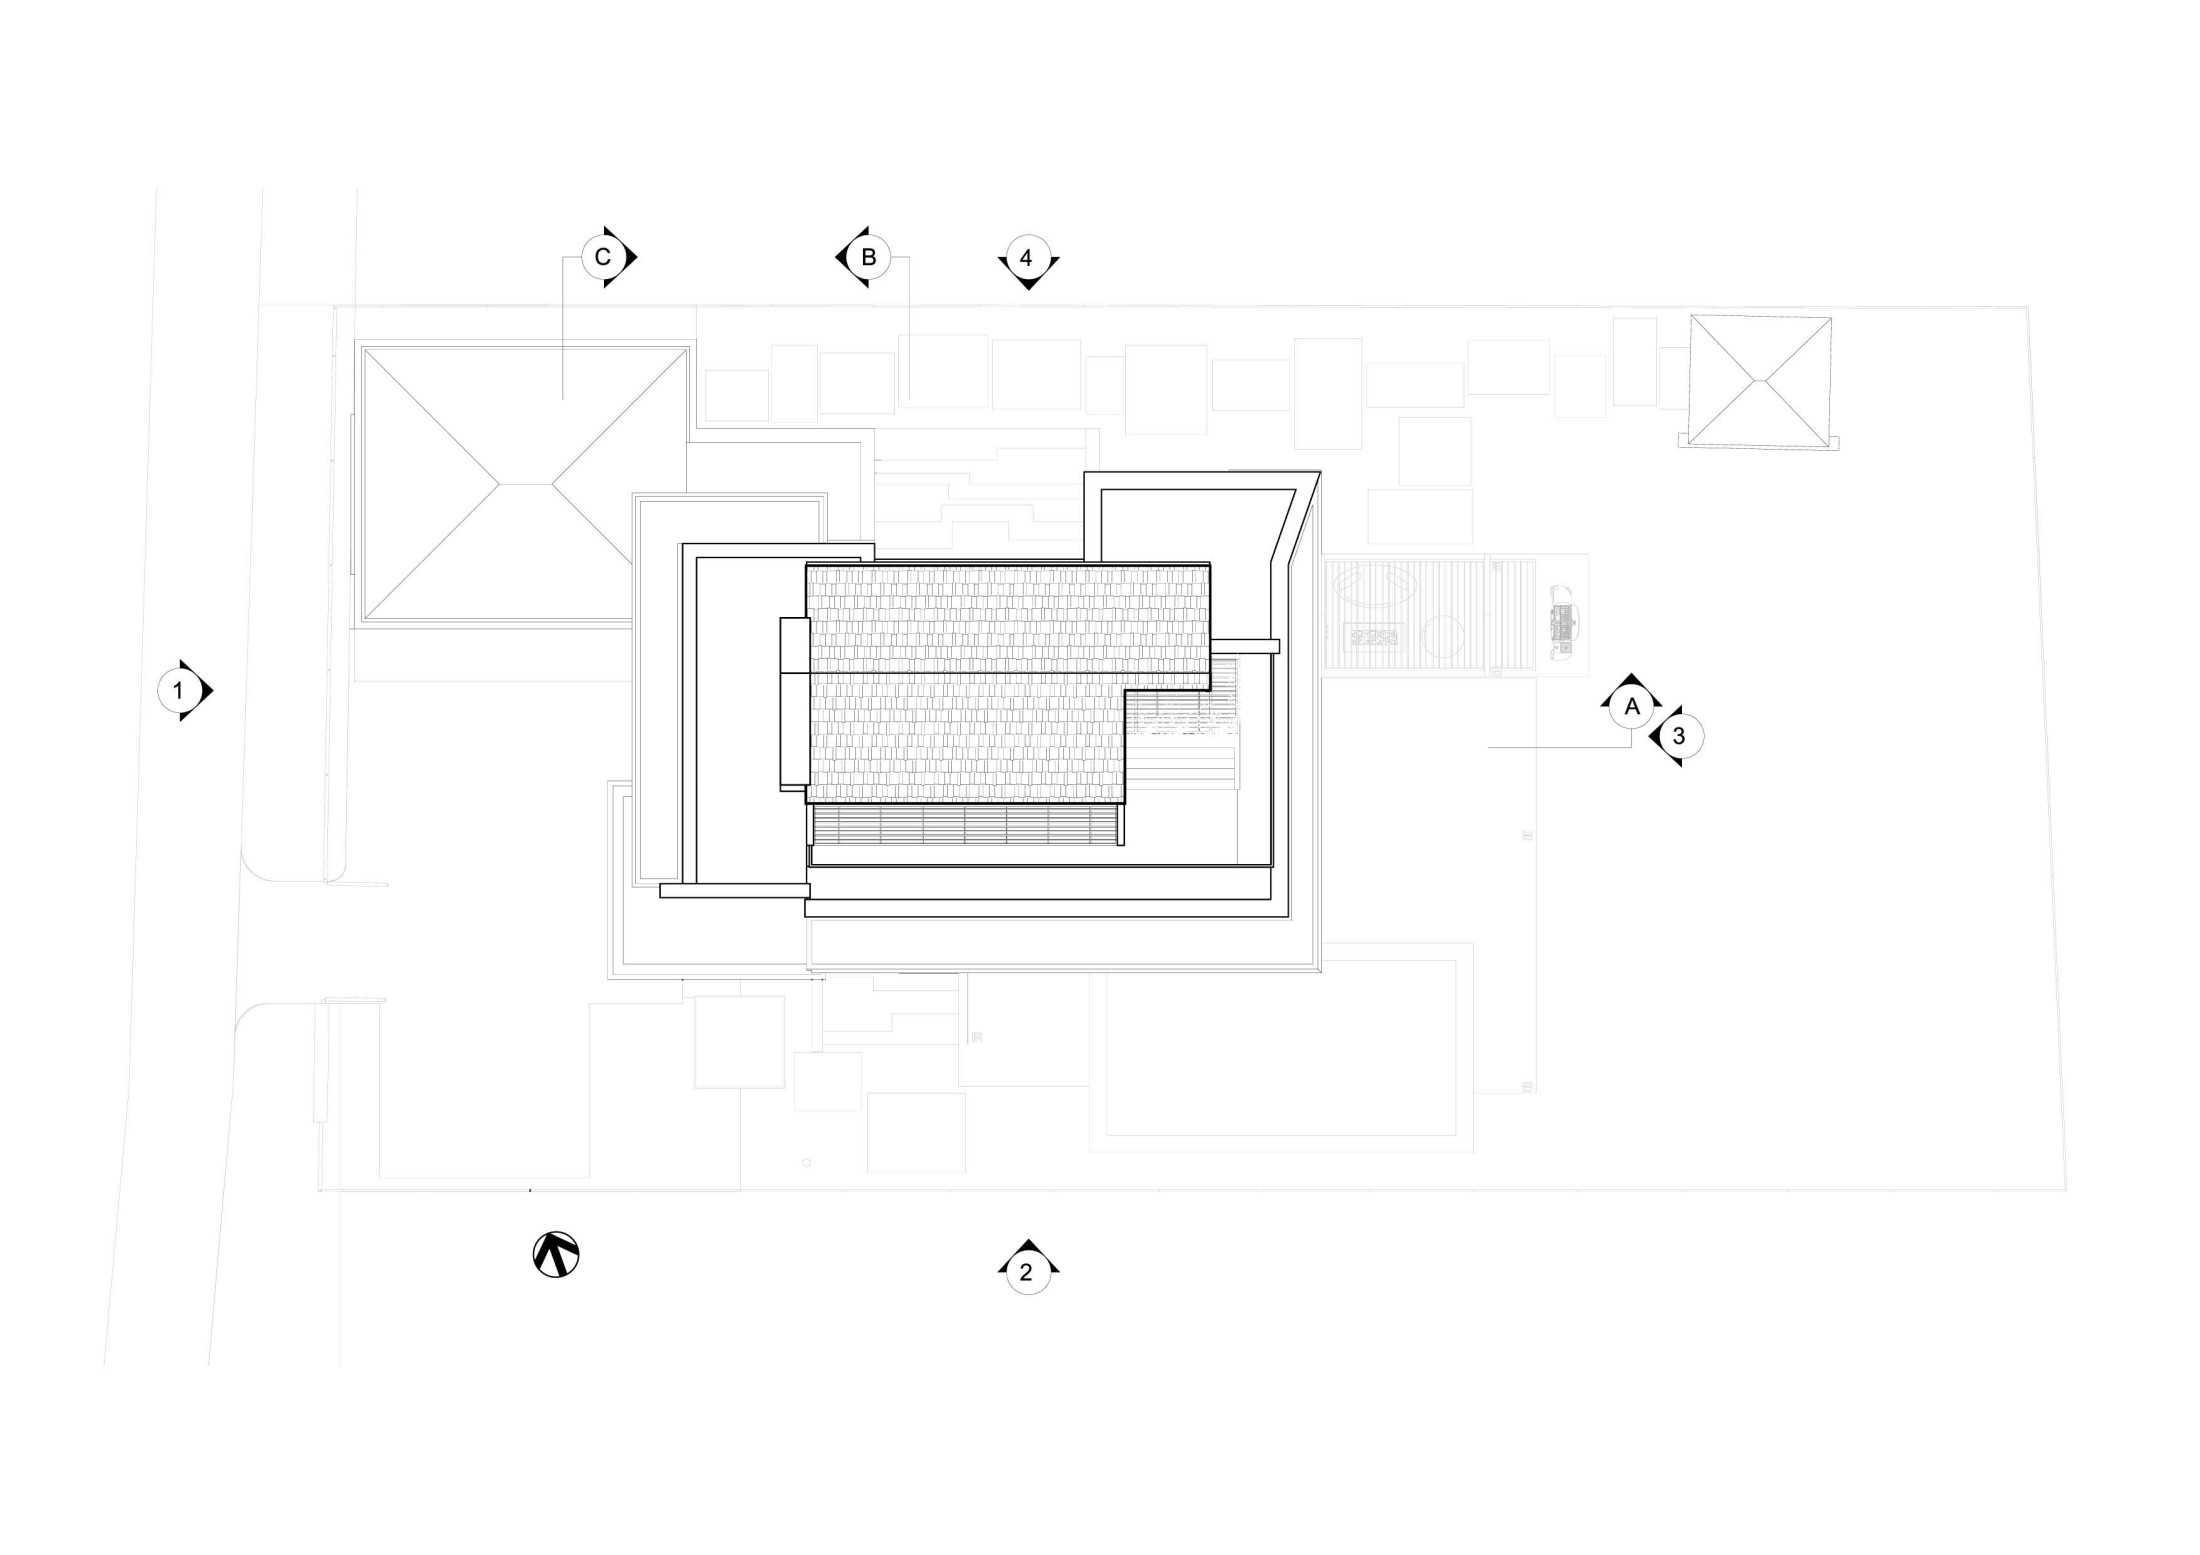 Bral Architect Alpen House In Germany 46519 Alpen, Jerman 46519 Alpen, Jerman Bral-Architect-Alpen-House-In-Germany  99901